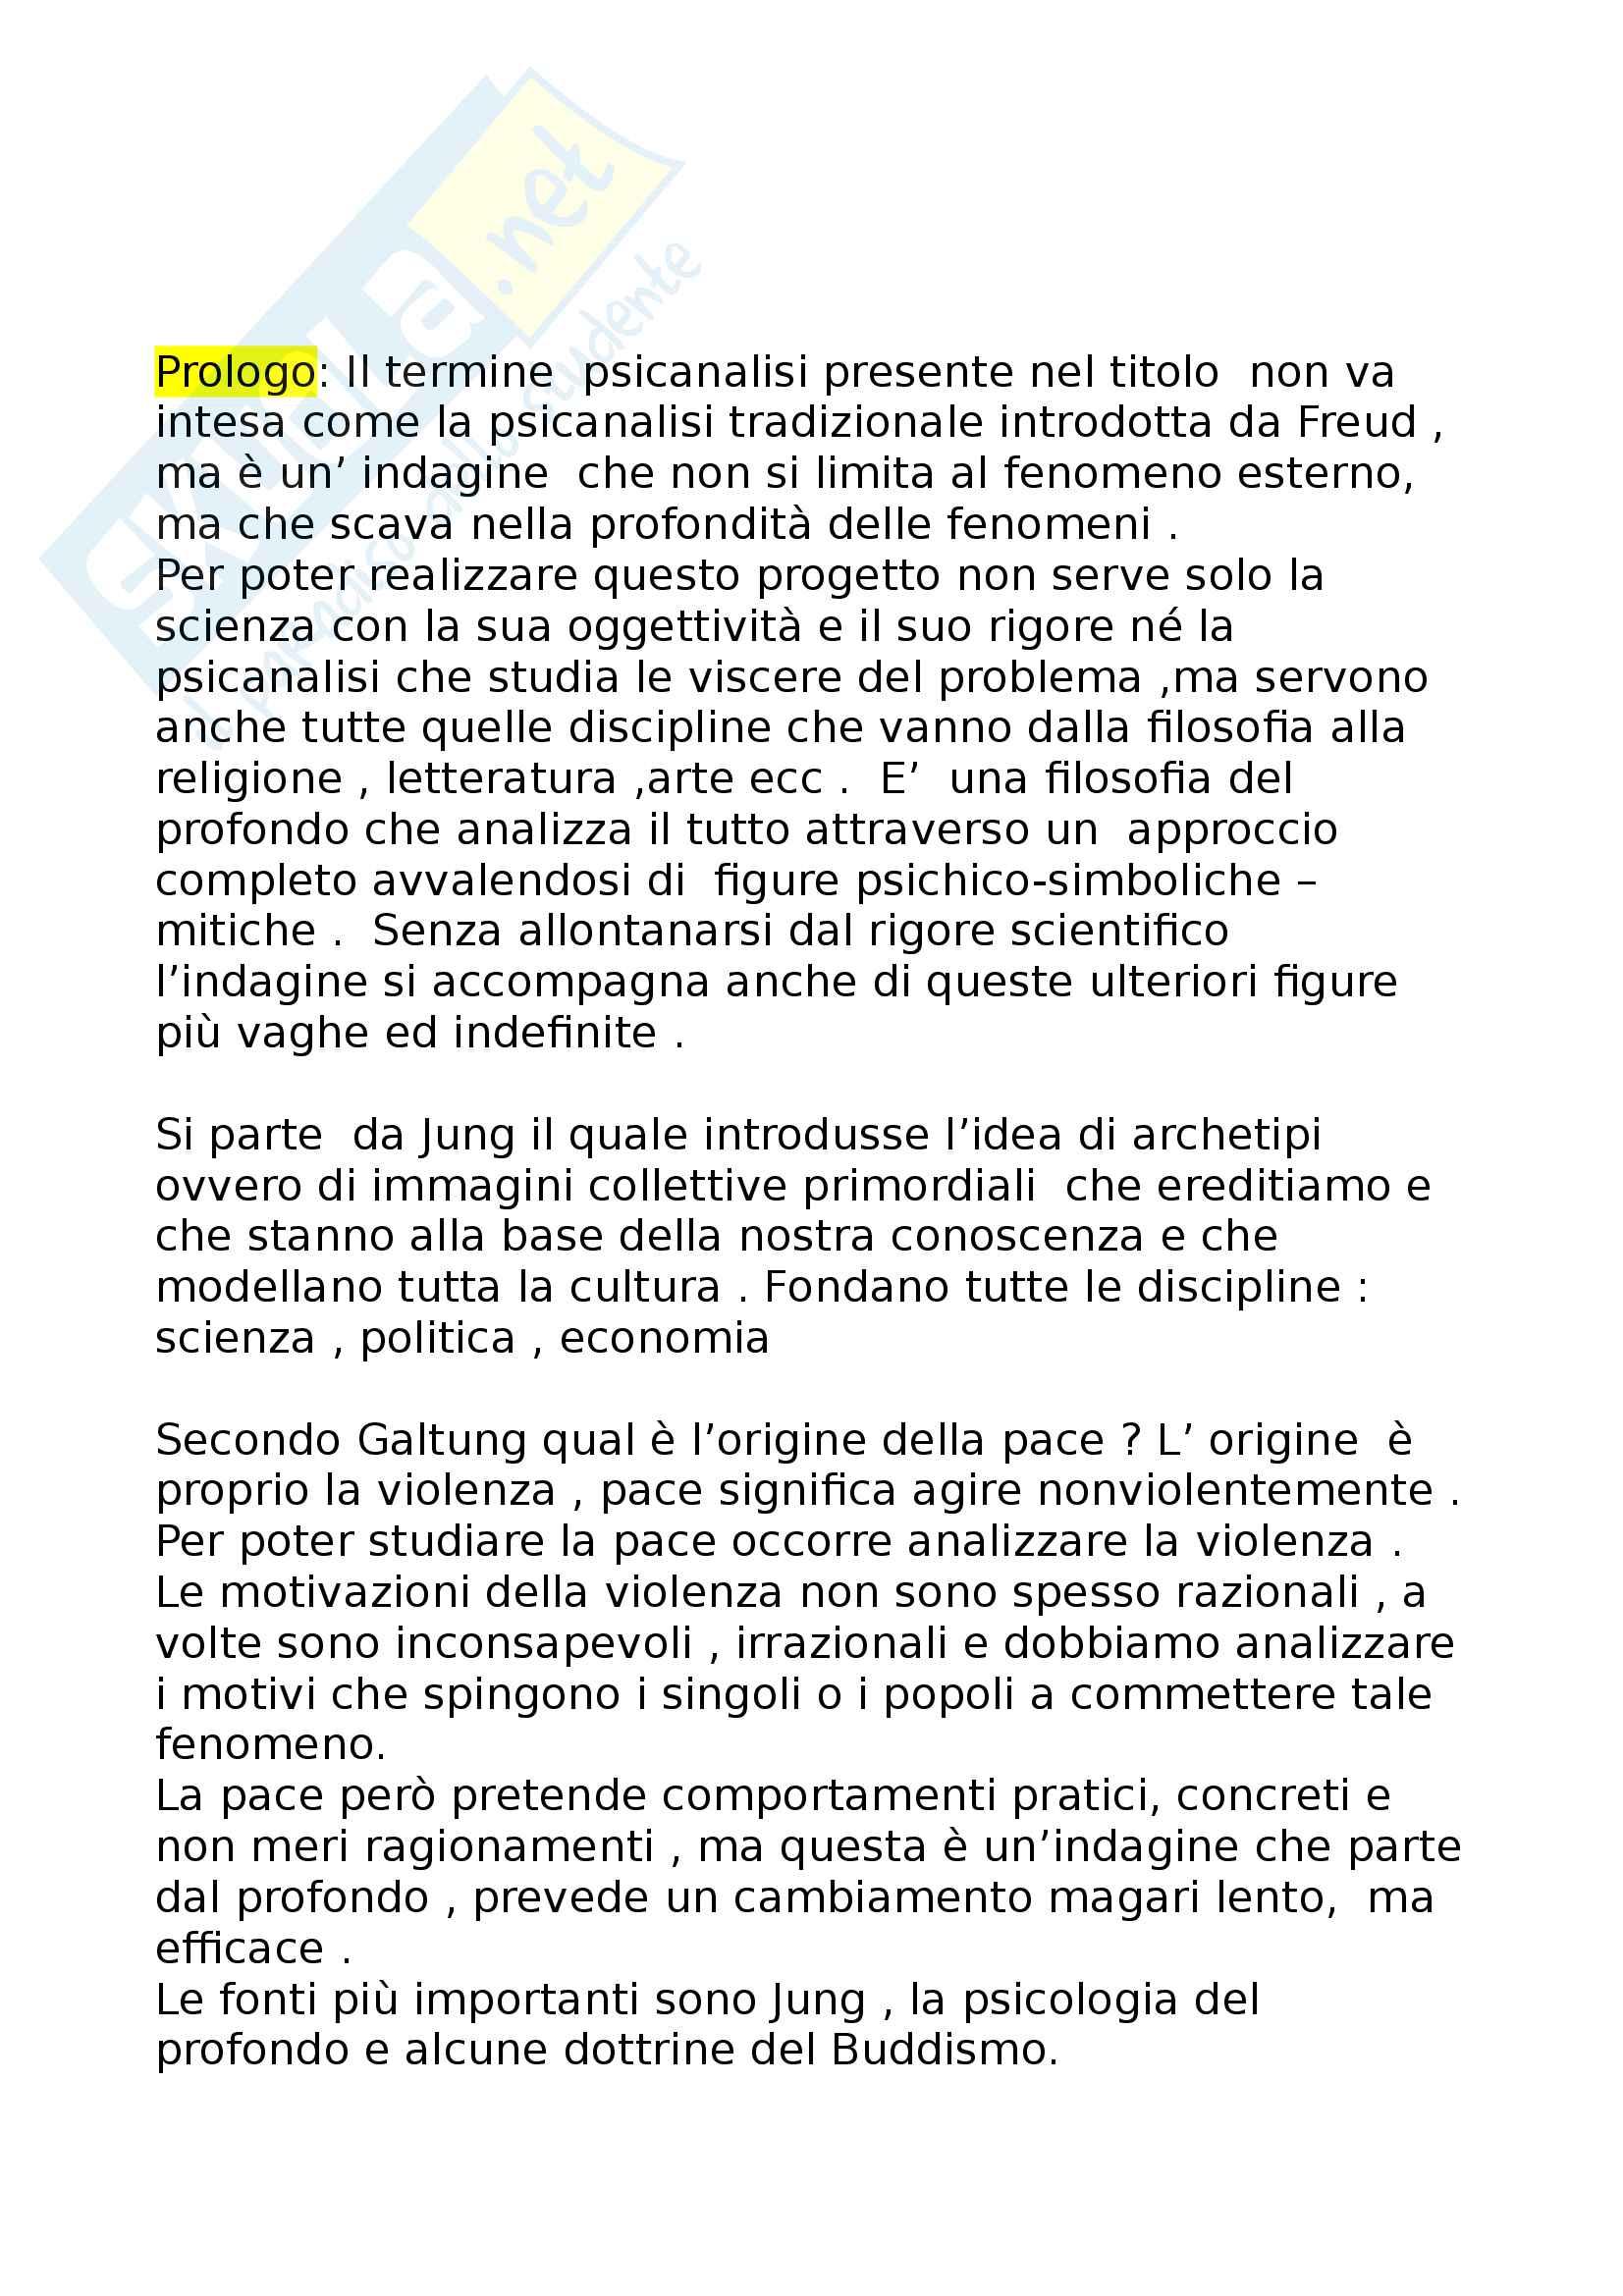 """Riassunto di filosofia del diritto , prof Bonsignori, testo consigliato """"Psicanalisi della Pace"""